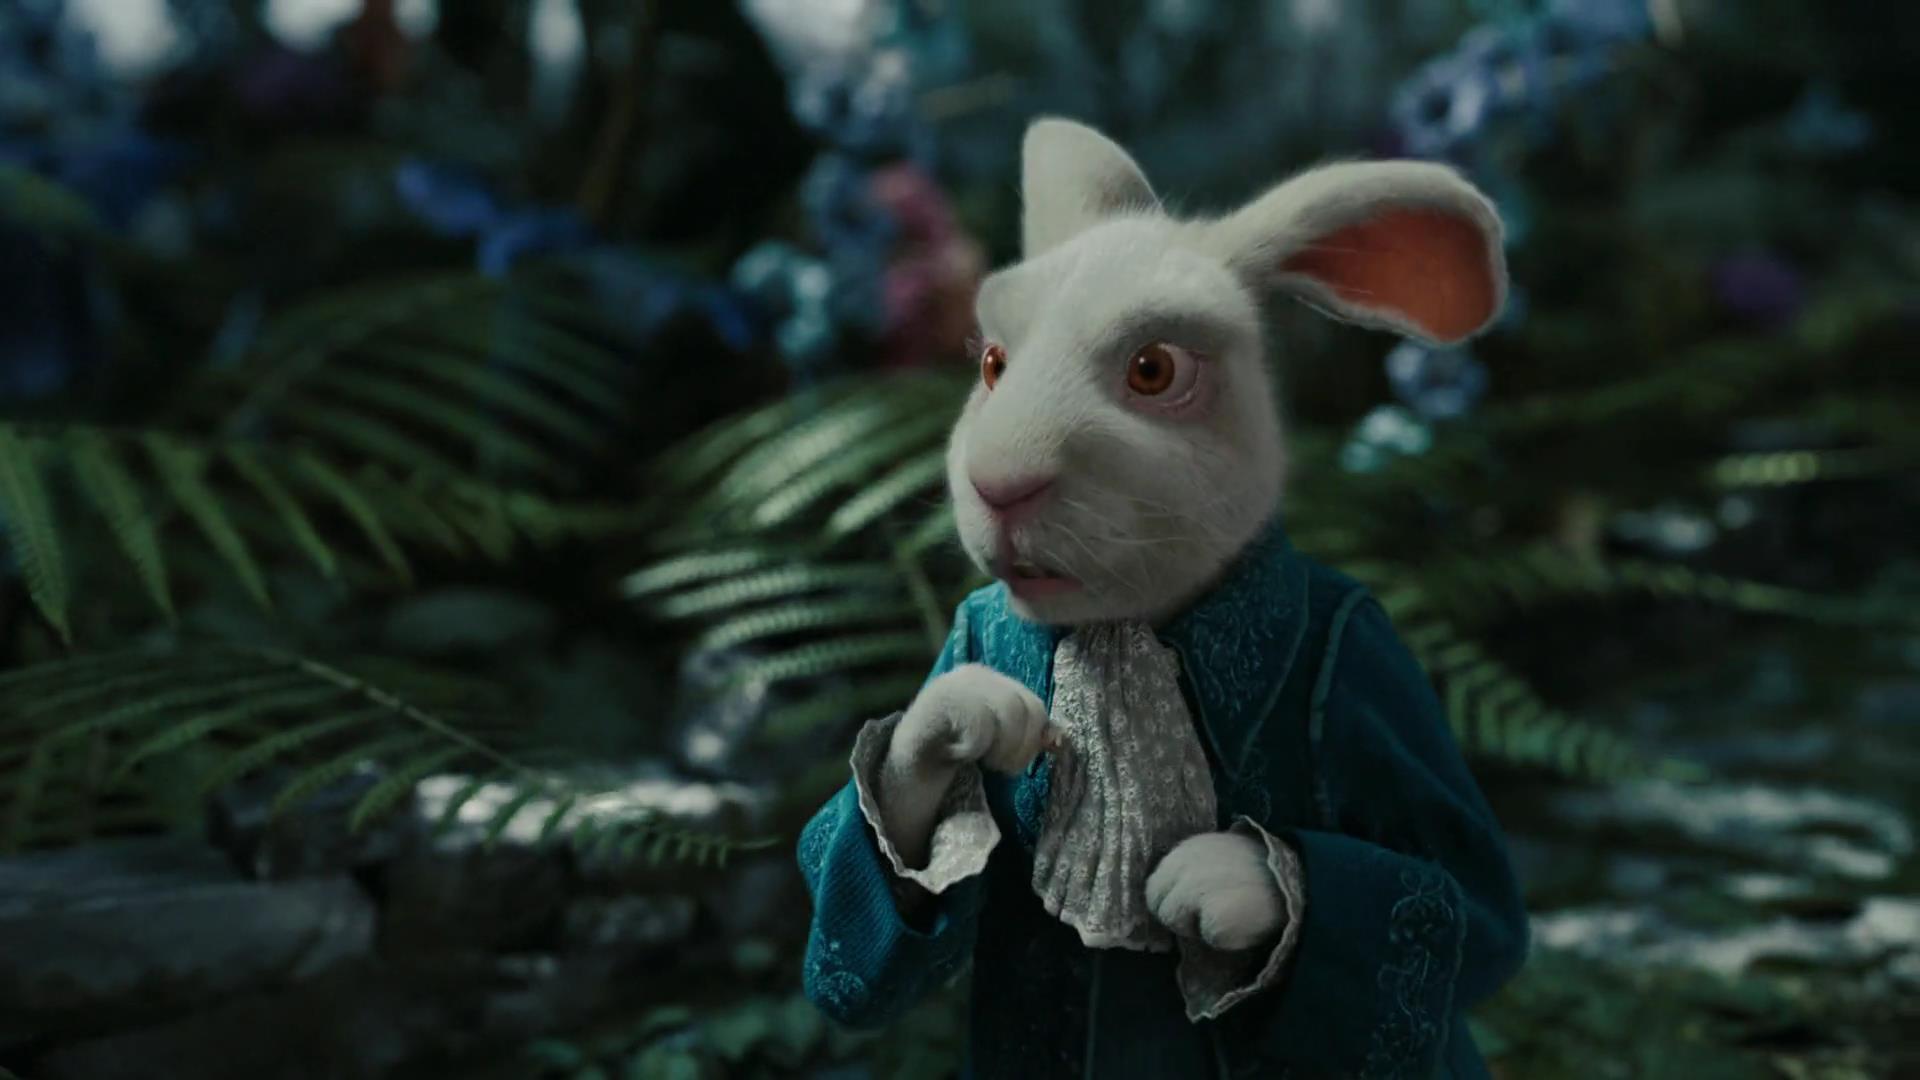 le lapin blanc personnage dans alice au pays des merveilles film 2010 disney planet. Black Bedroom Furniture Sets. Home Design Ideas